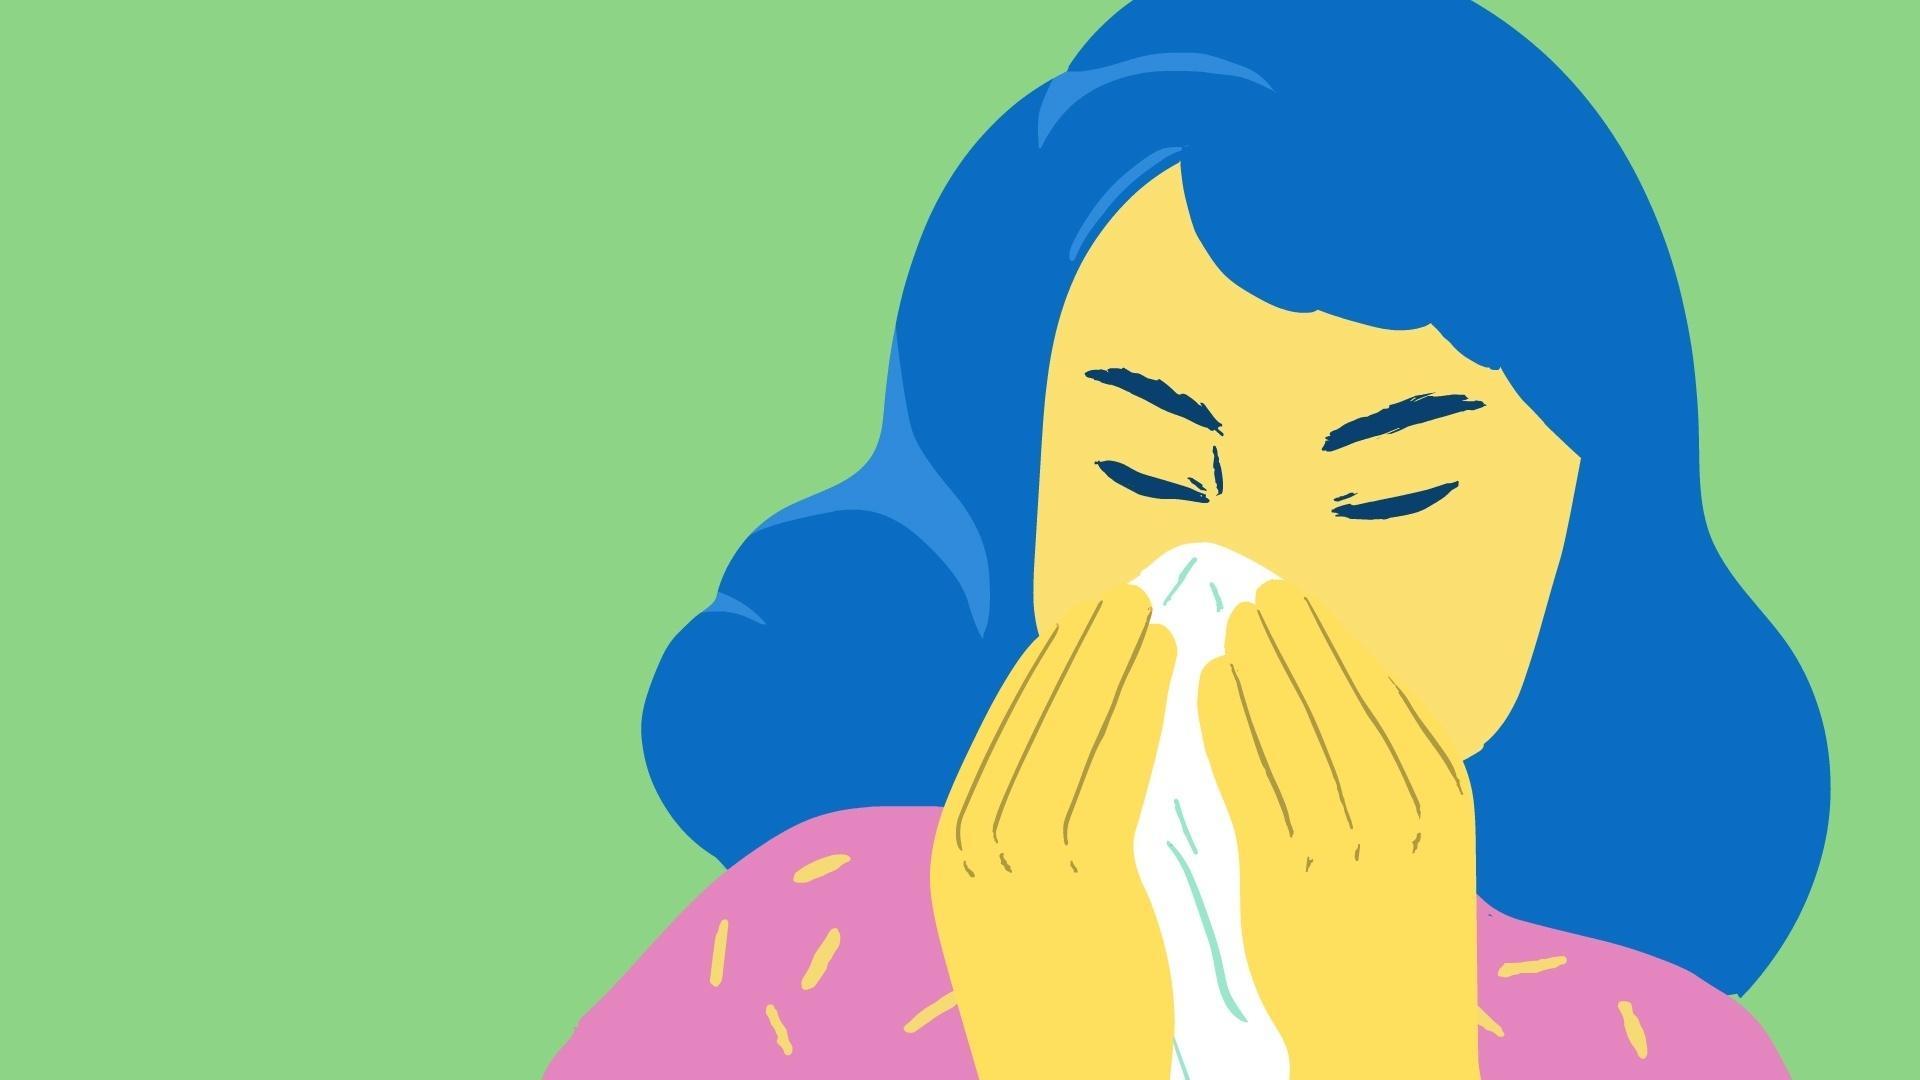 Tenho hábito de segurar espirros, isso pode me trazer algum problema? -  10/09/2019 - UOL VivaBem